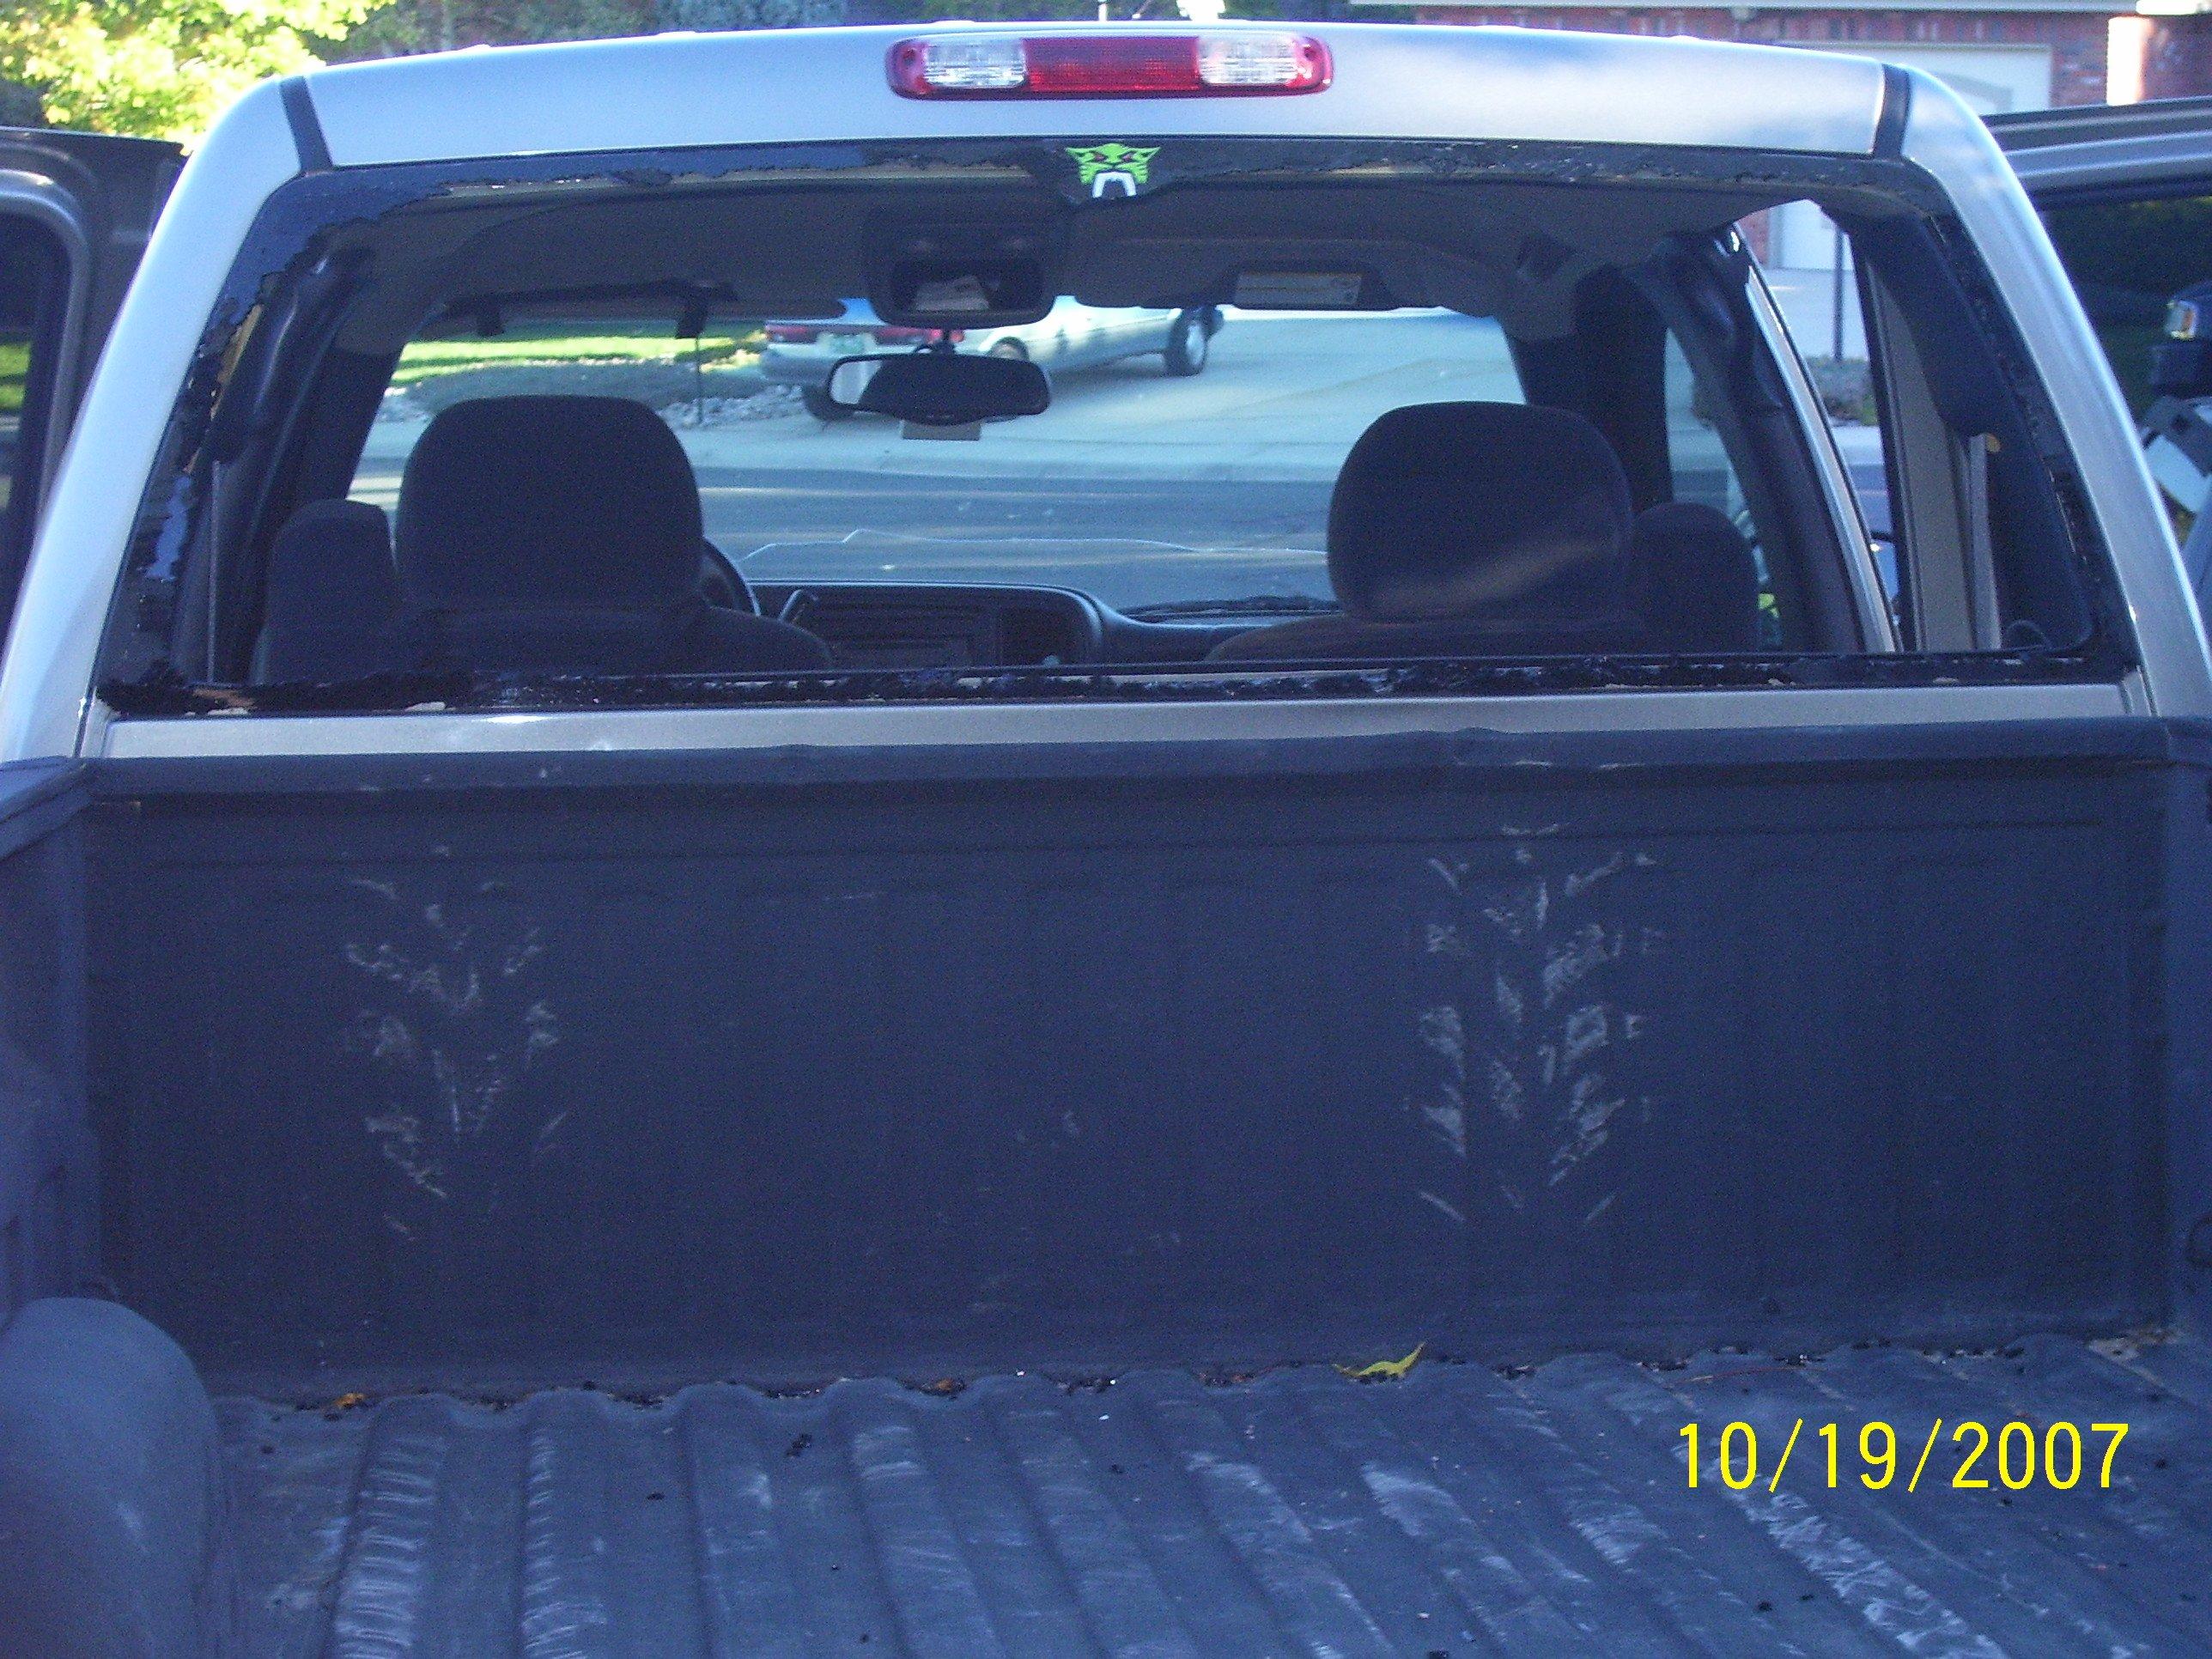 Broken Rear Window Page ArcticChatcom Arctic Cat Forum - Truck back window picture